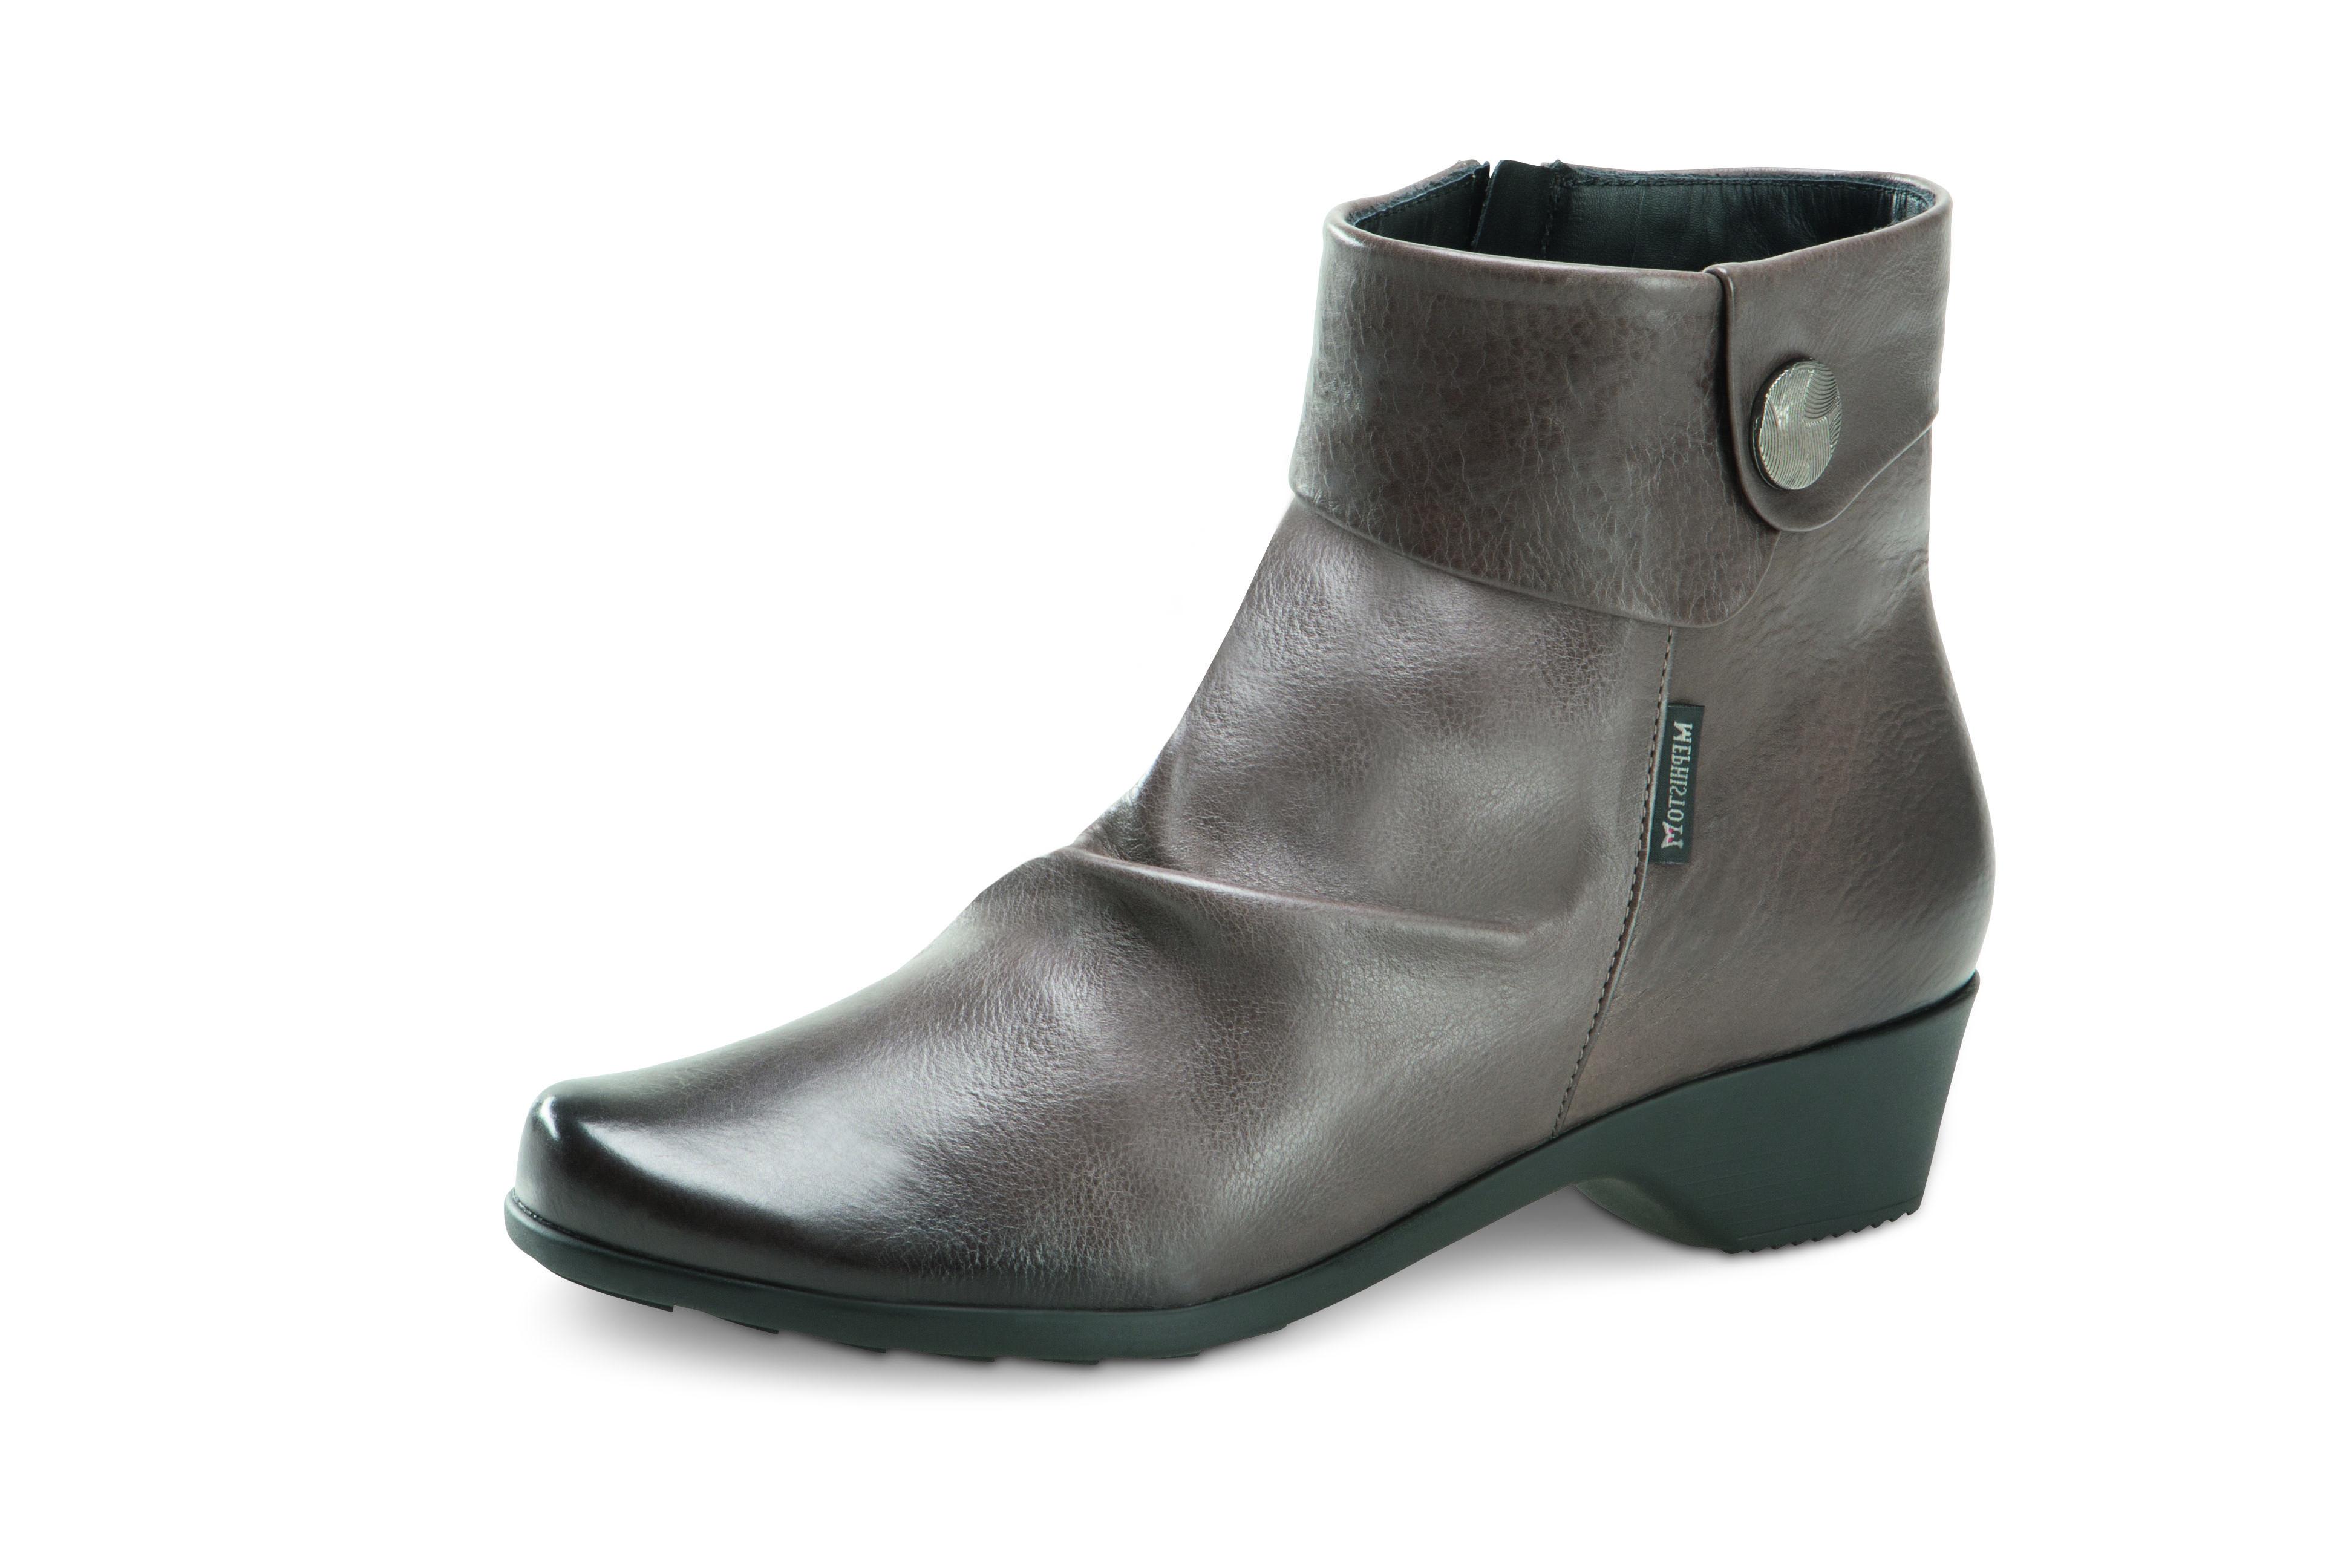 mephisto-shop chaussures confortables bottines femme - modèle rachela